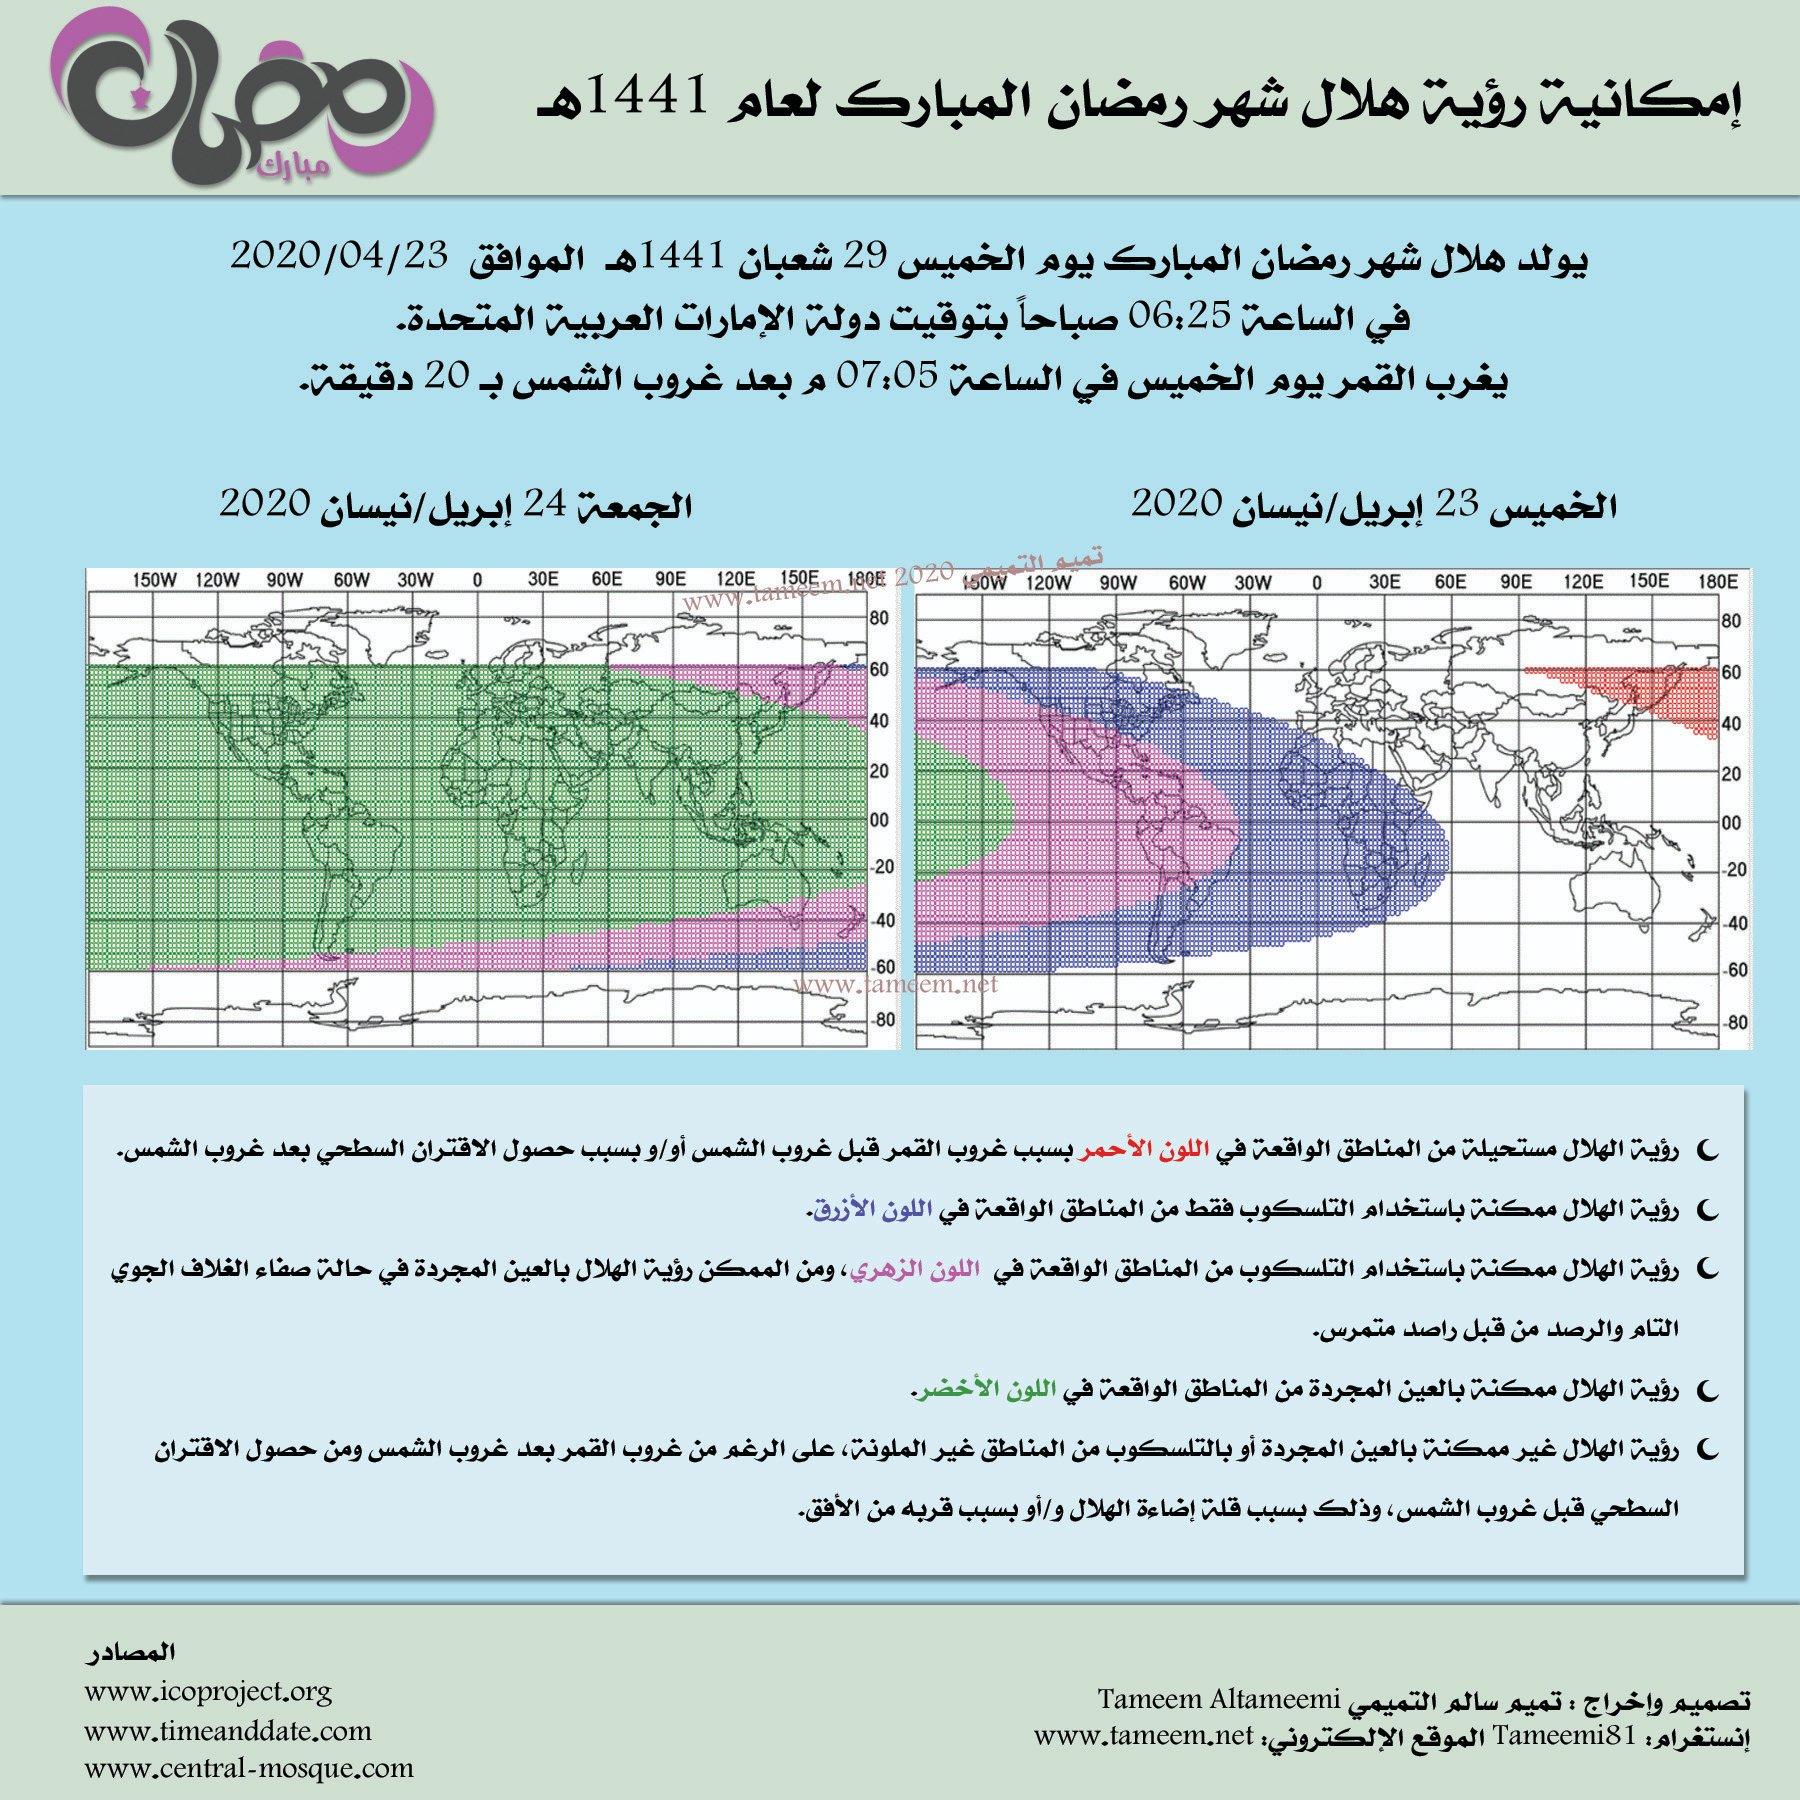 تحري هلال شهر رمضان  1441 هـ